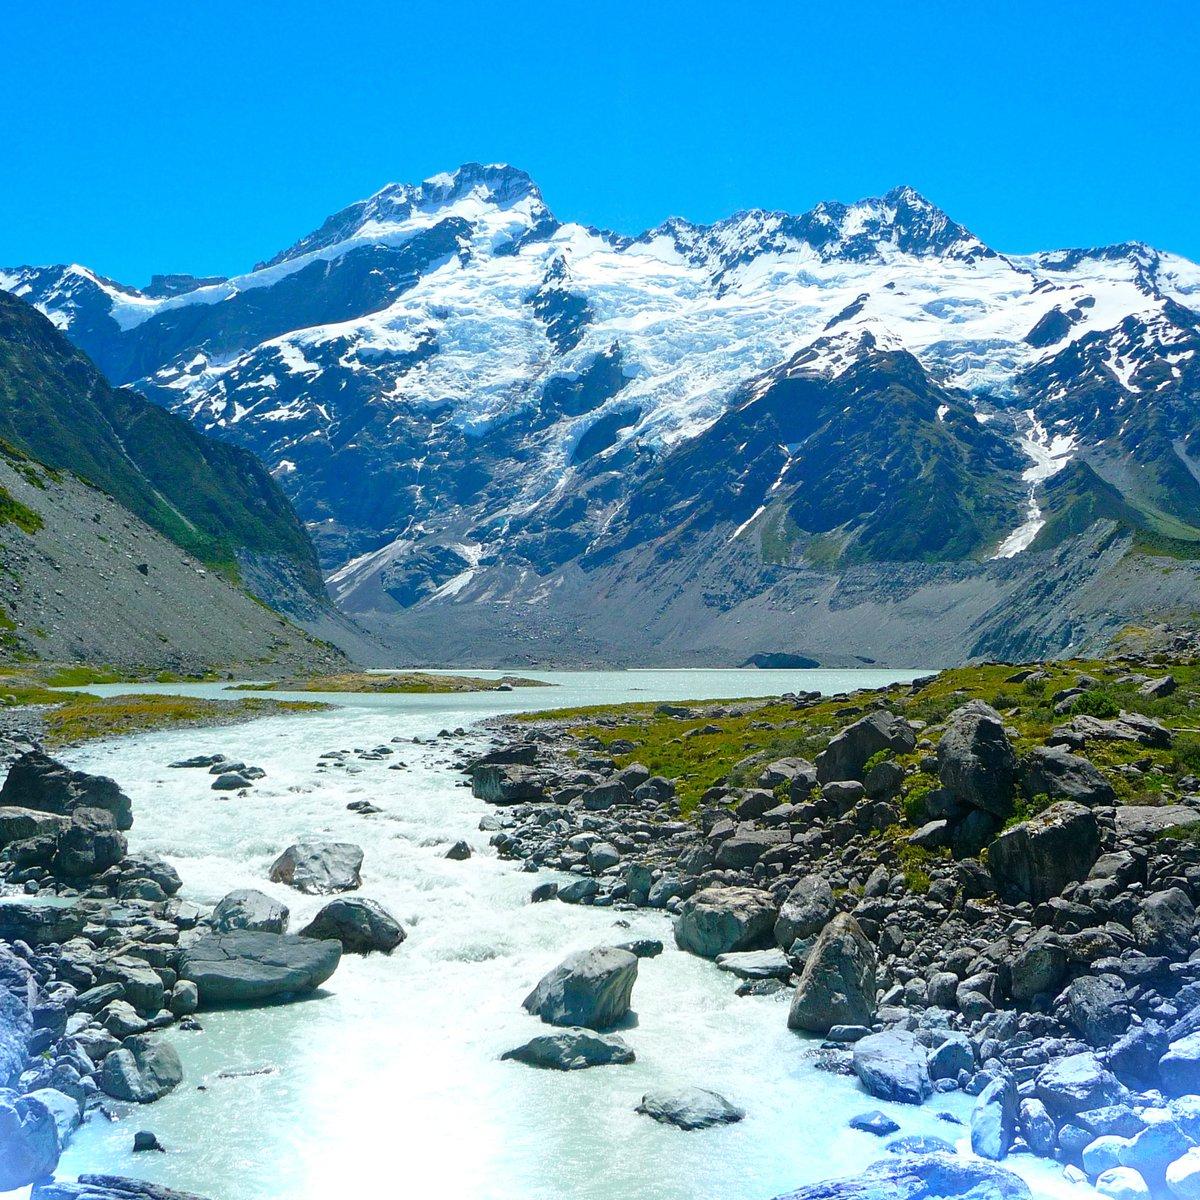 (* ̄○ ̄)φ))   雪解け眺め癒される   photo by MemoryCatcher  #ニュージーランド #雪解け水 #マウントクック #高山 #山脈 #青 #空 #雲 #青い空 #山岳風景 #剣岳 #自然 #風景 #今を生きる #頑張る #素敵 #癒し #癒される #和む #気持ちいい #いいね #フォローありがとう #雪解け眺め癒される https://t.co/4383DCNdPM